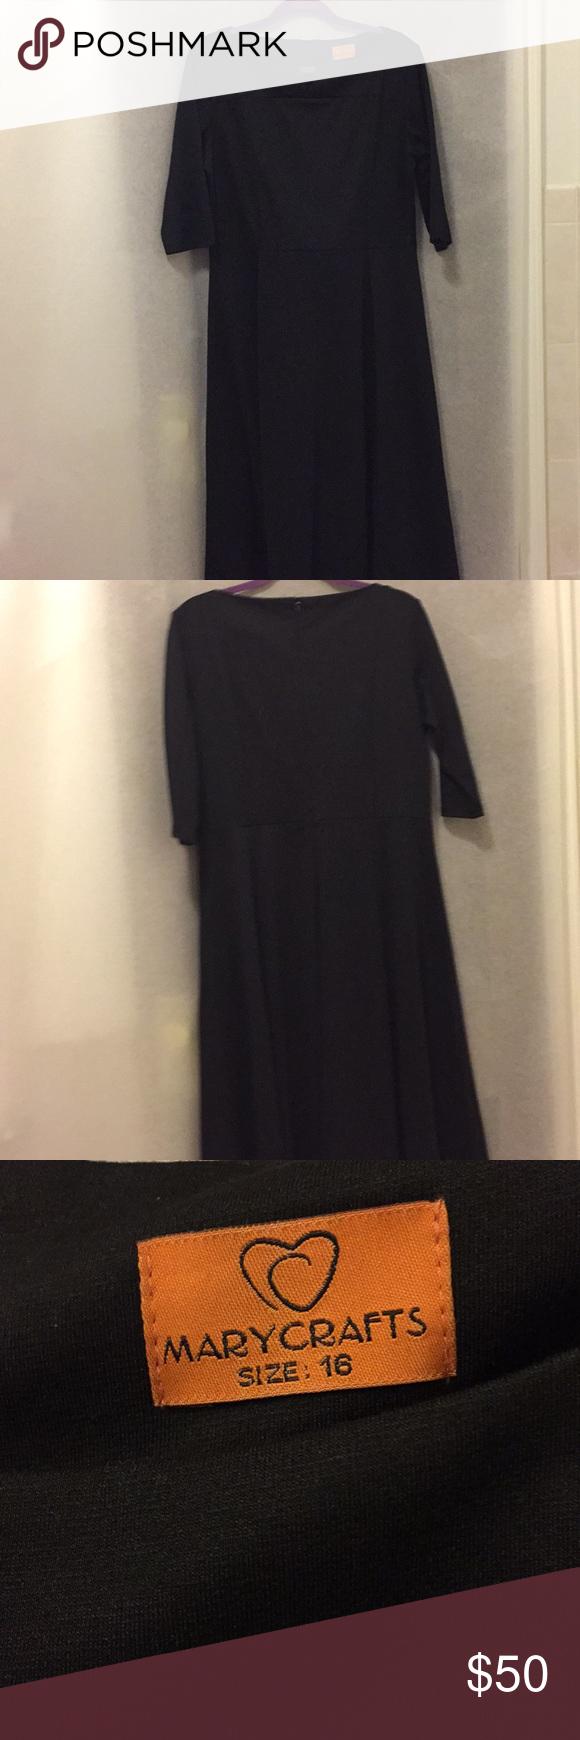 3 20 Mary Crafts Black Dress Plus Size Black Dress Clothes Design Dresses [ 1740 x 580 Pixel ]